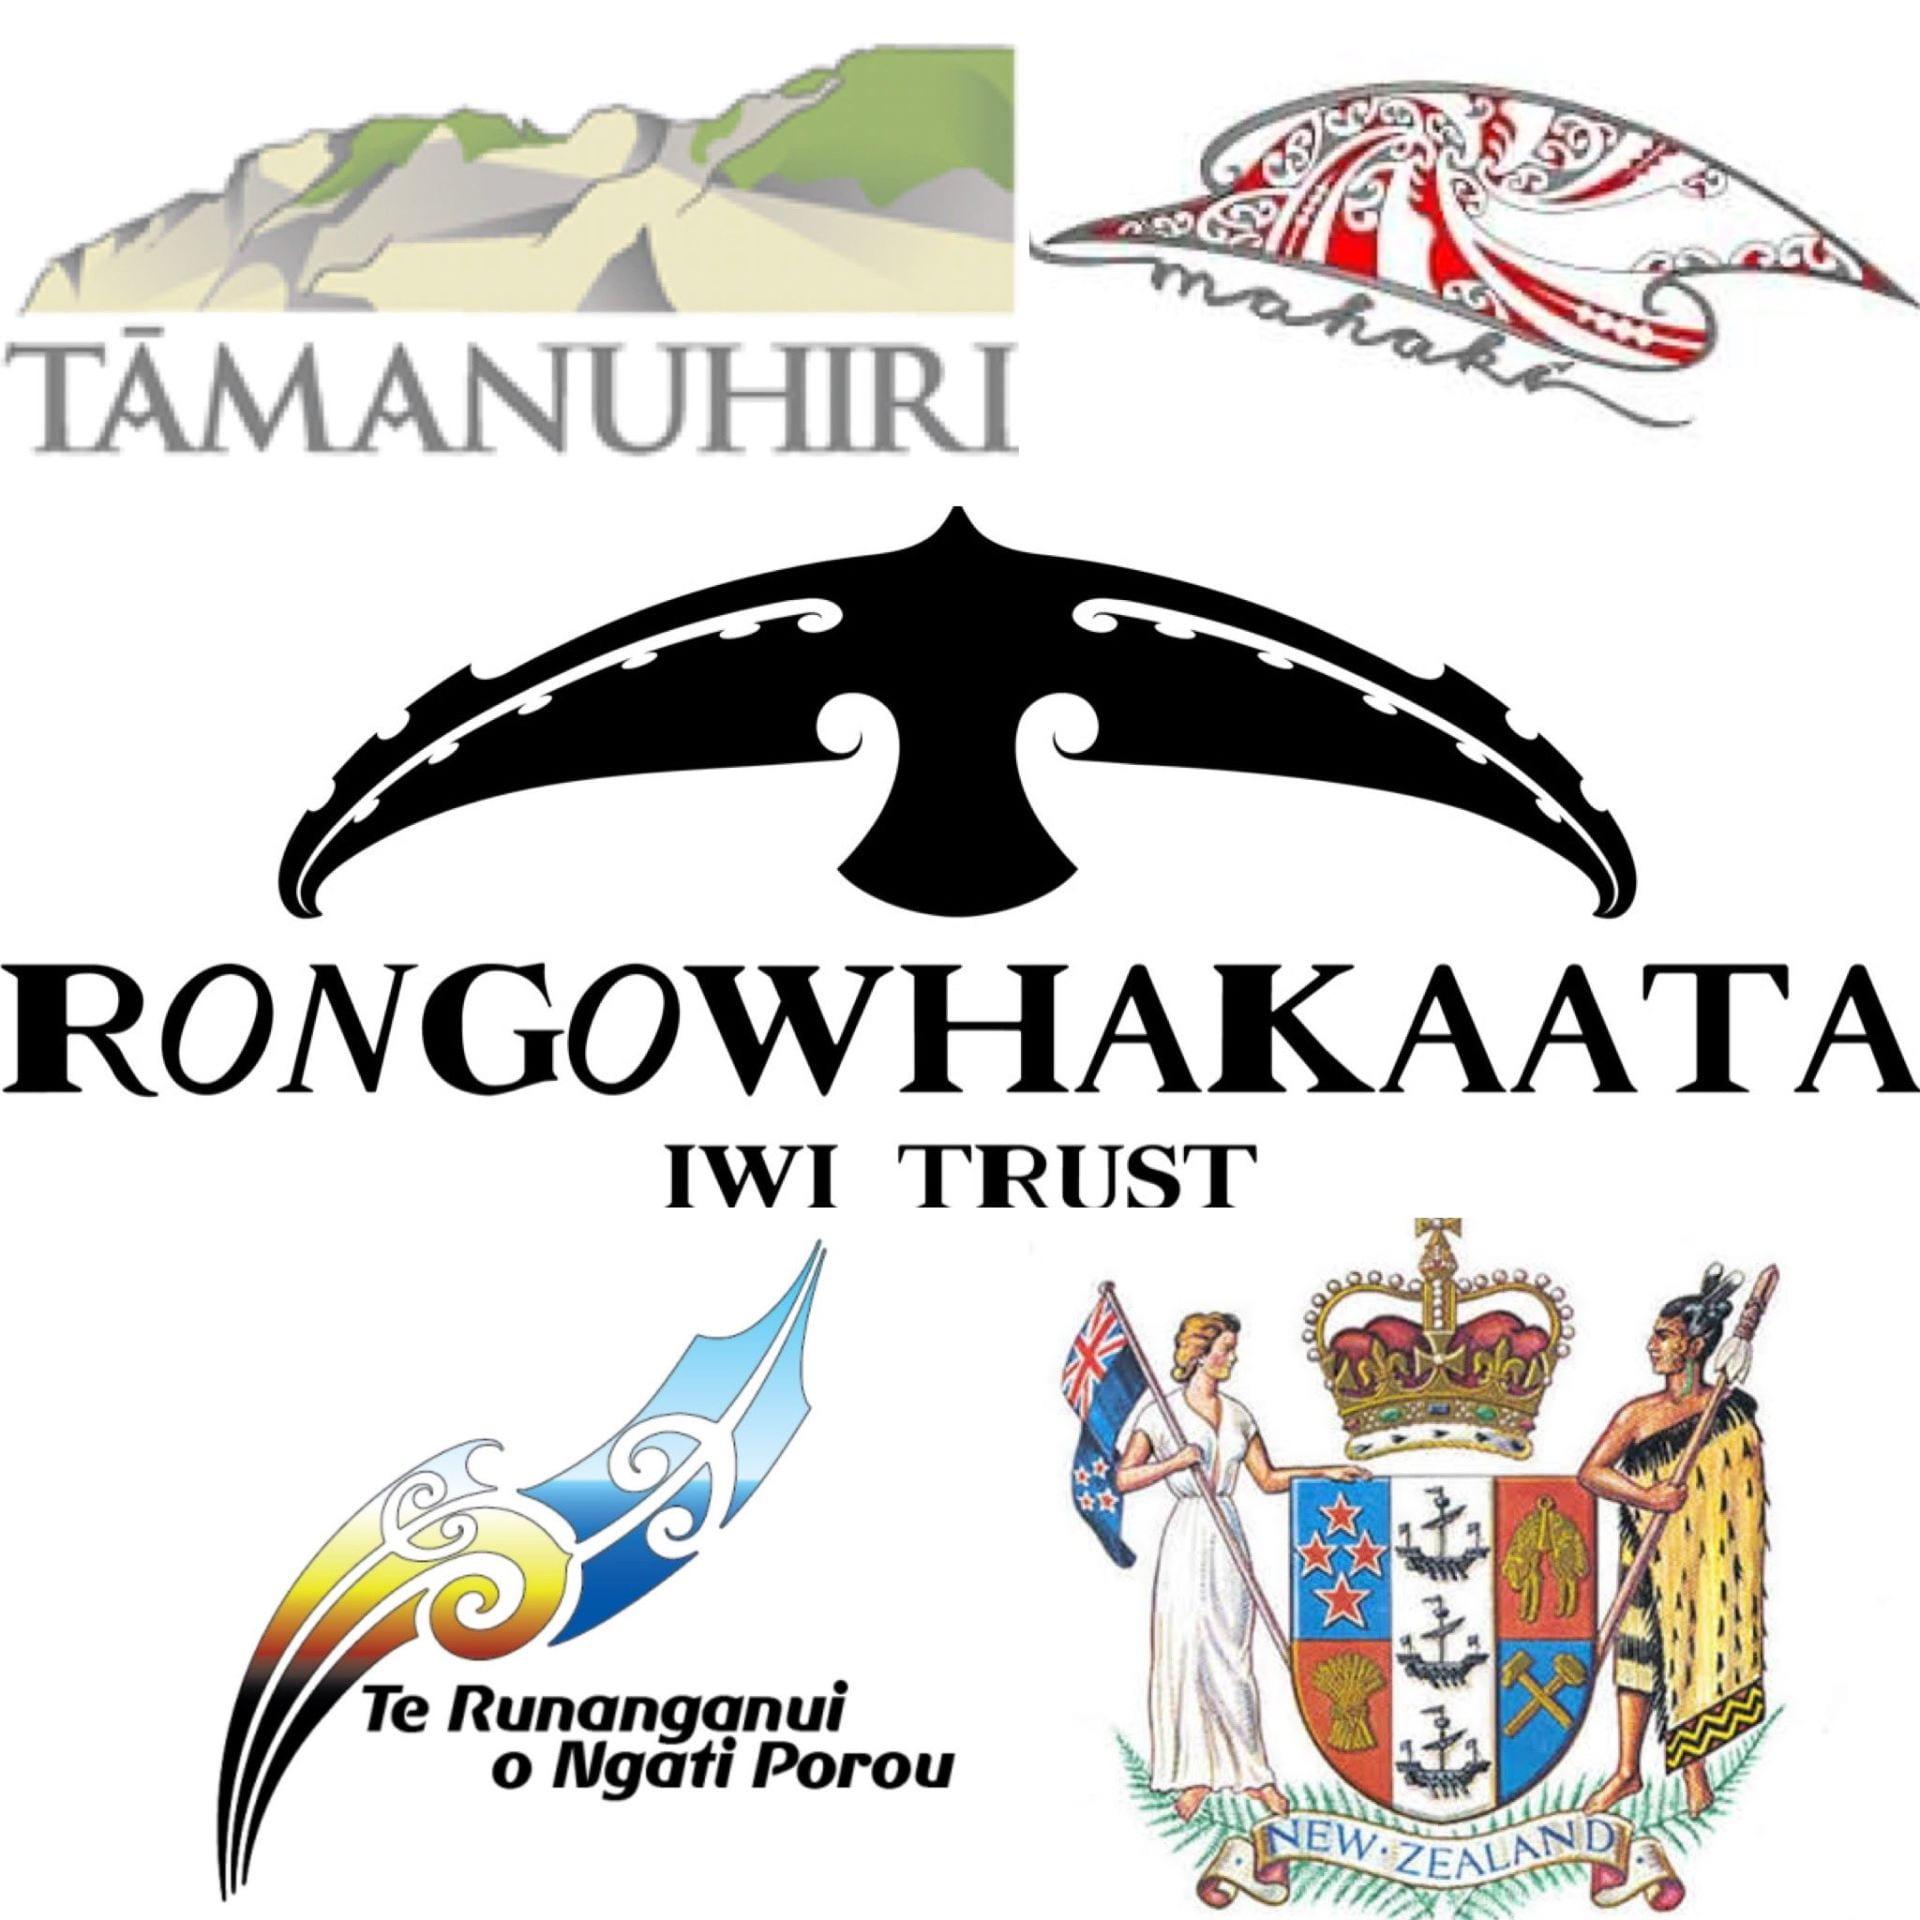 A collage of Tairāwhiti iwi logos: Tāmanuhiri, Mahaki, Rongawhakaata, Te Runanganui o Ngati Porou. Aso the NZ government logo